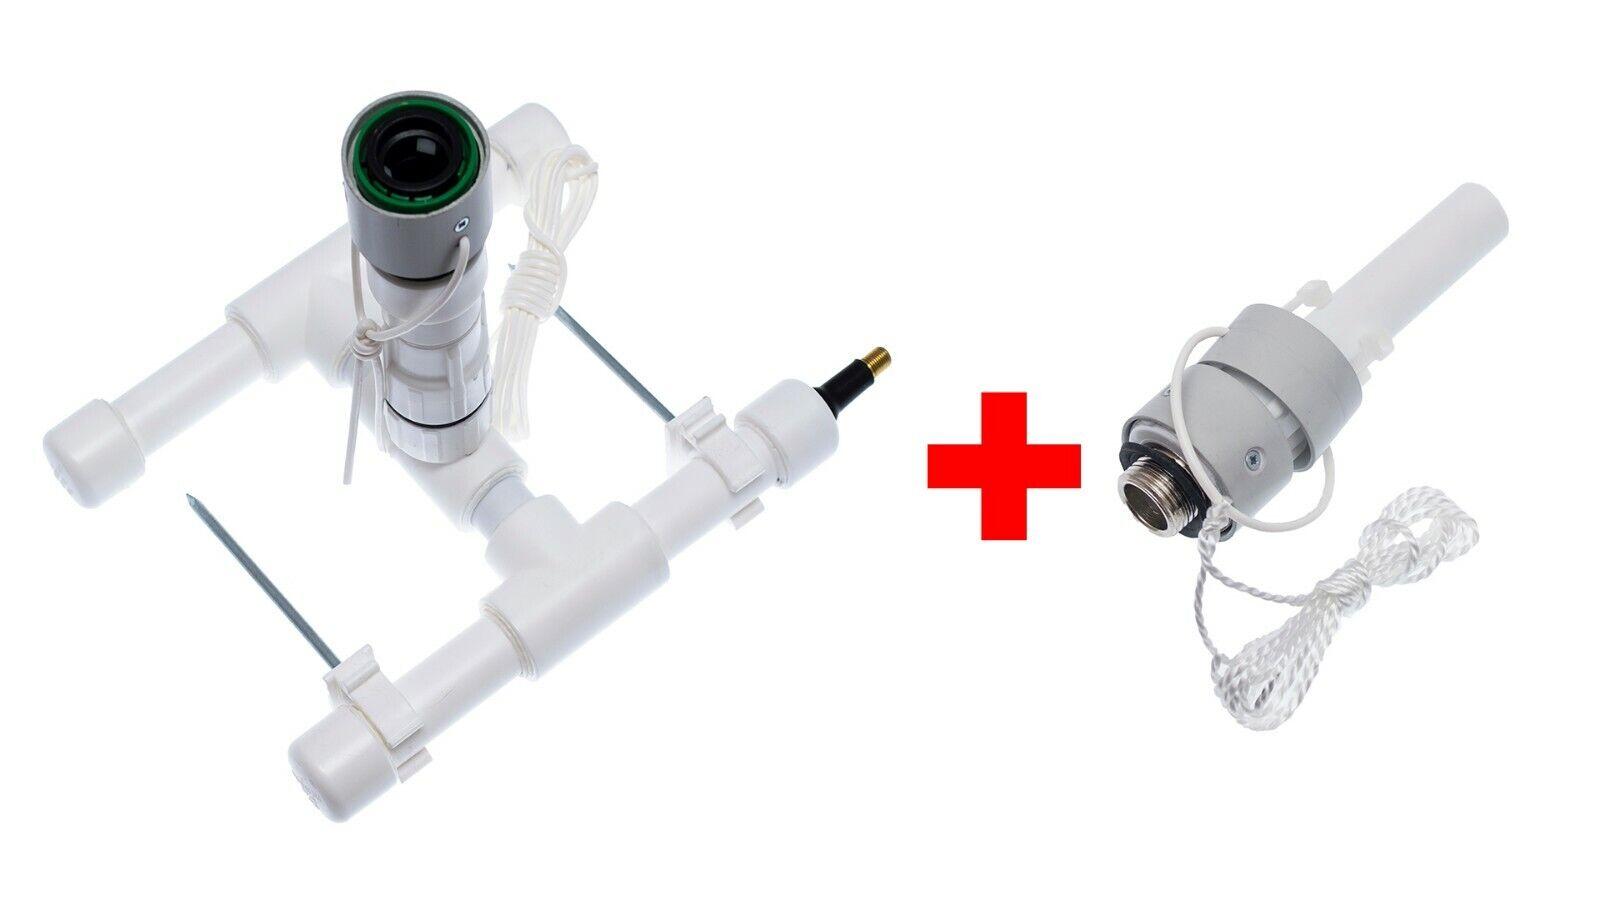 Lanzacohetes para botellas de agua y Soda H-base + o + G-disparadores